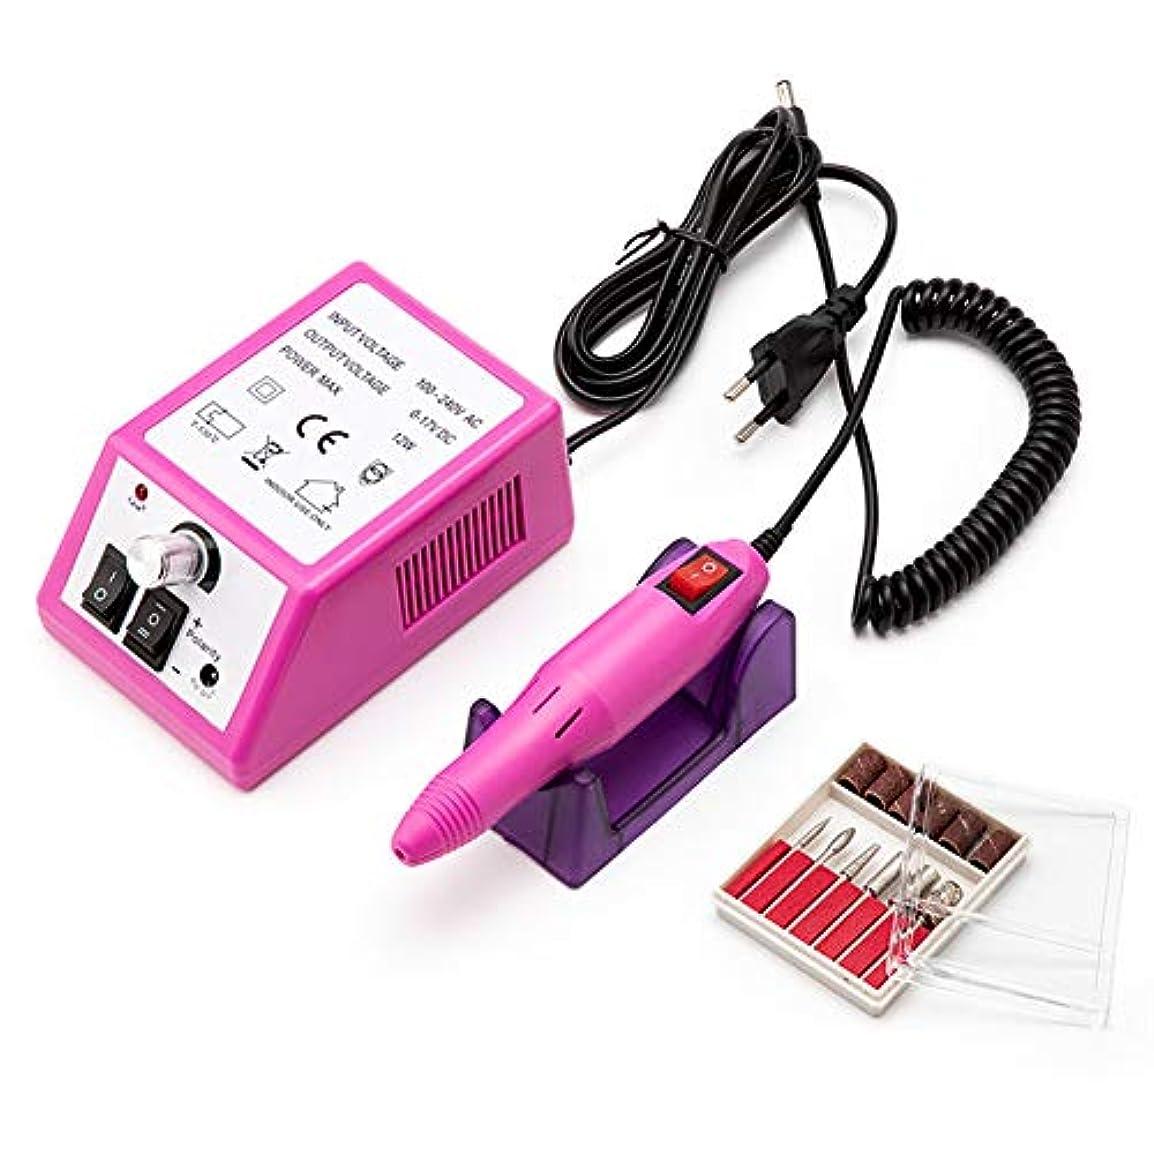 信頼できる連続的仮装電動ネイルドリル35000 RPMマニキュアセットファイルグレーネイルペンマシンセットダイヤモンドペディキュアネイルファイルドリル100-240Vマニキュア用器具器具,ピンク